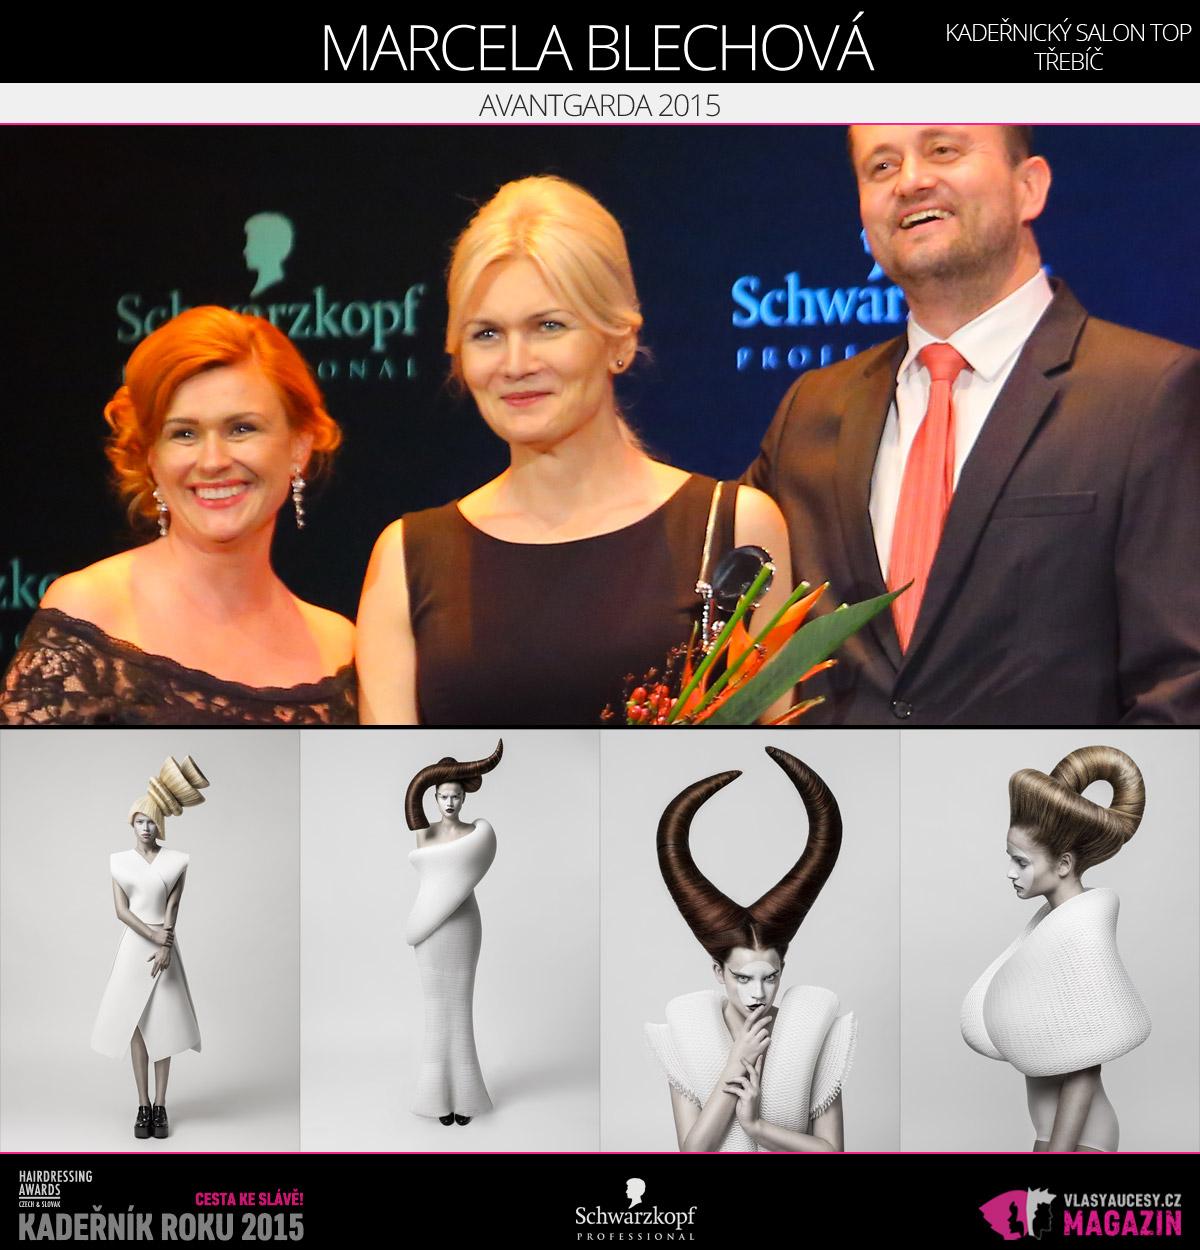 Vítězem v kategorii Avantgarda Czech and Slovak Hairdressing Awards 2015 je Marcela Blechová z kadeřnického salonu TOP v Třebíči.